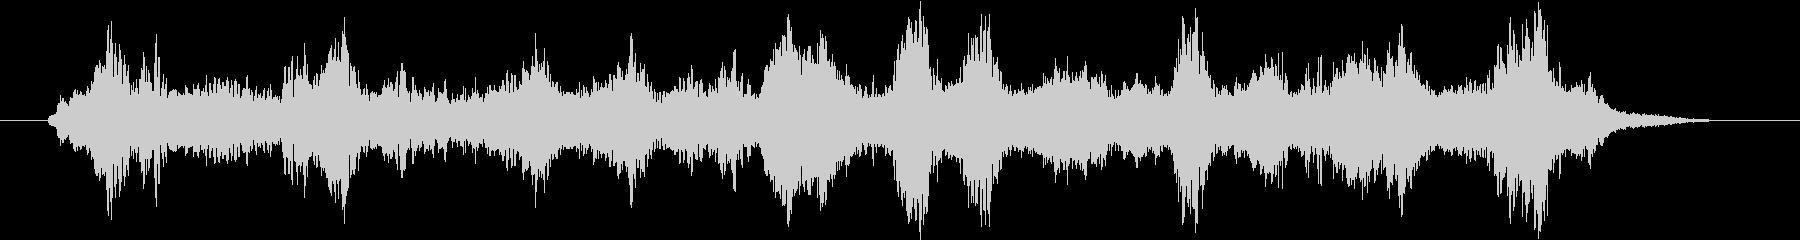 近未来的な神秘的な音楽の未再生の波形